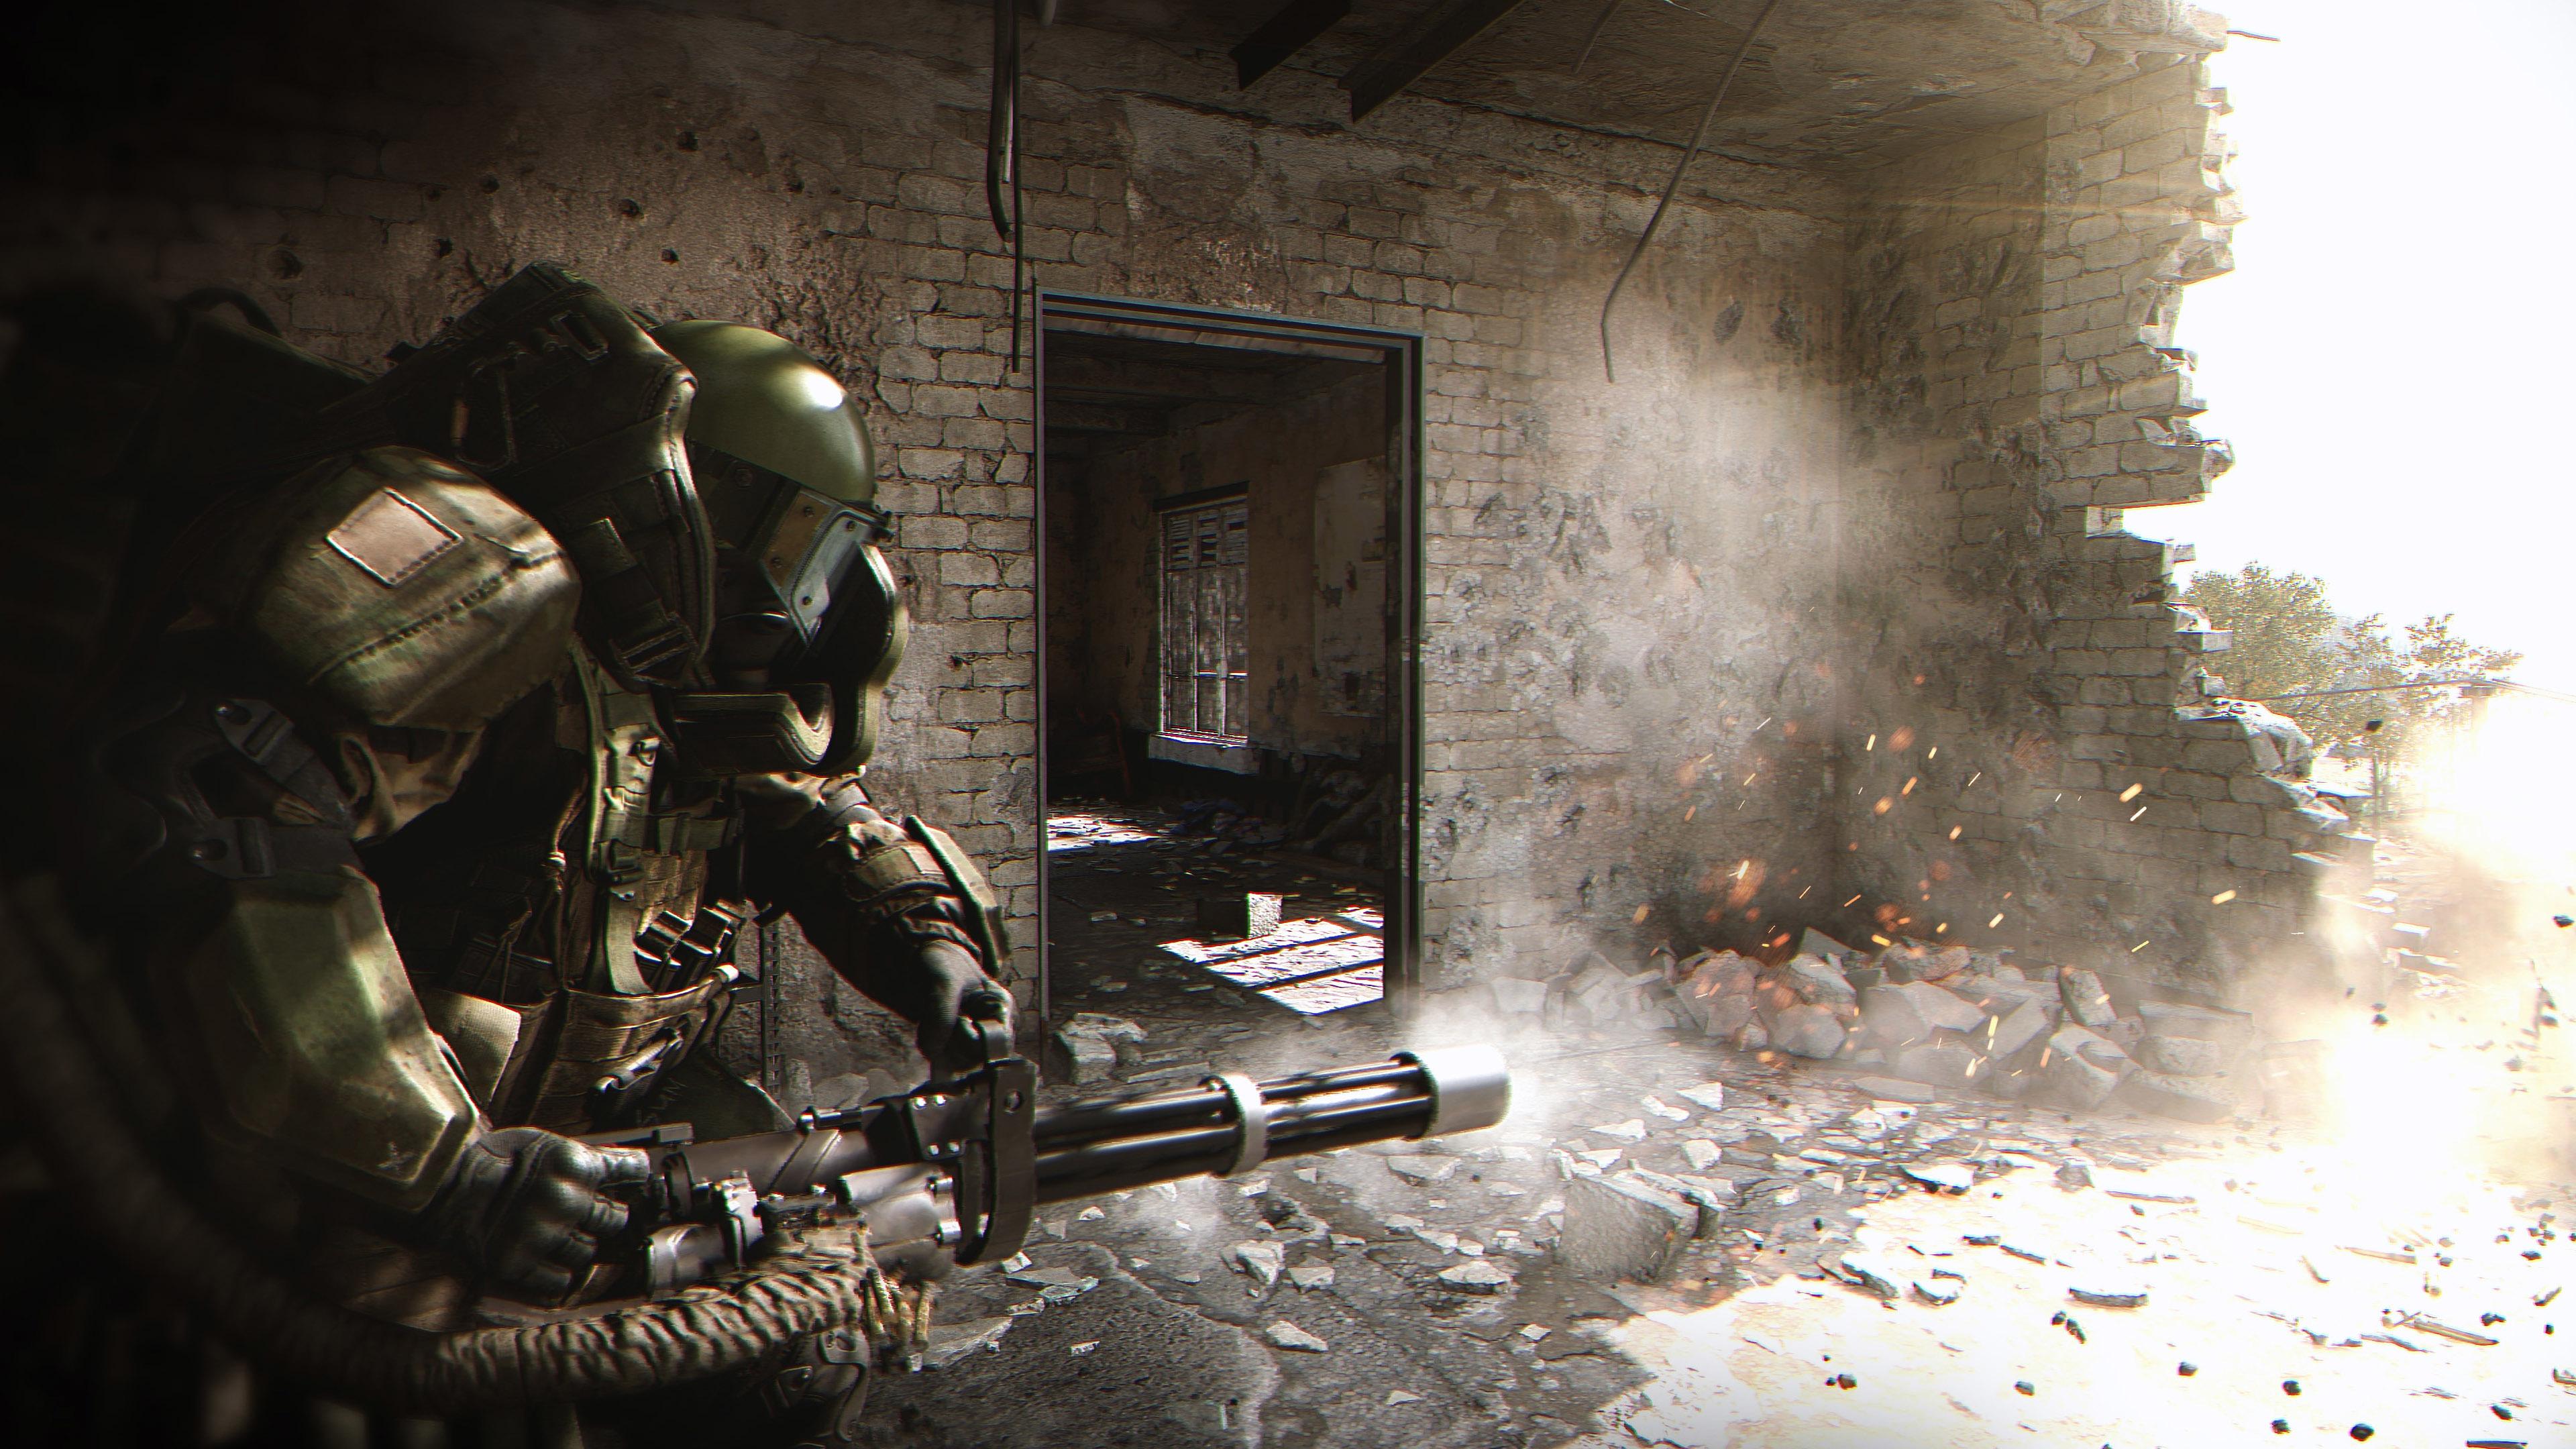 تعویض خشاب بدون خارج شدن از حالت هدفگیری در Call of Duty: Modern Warfare